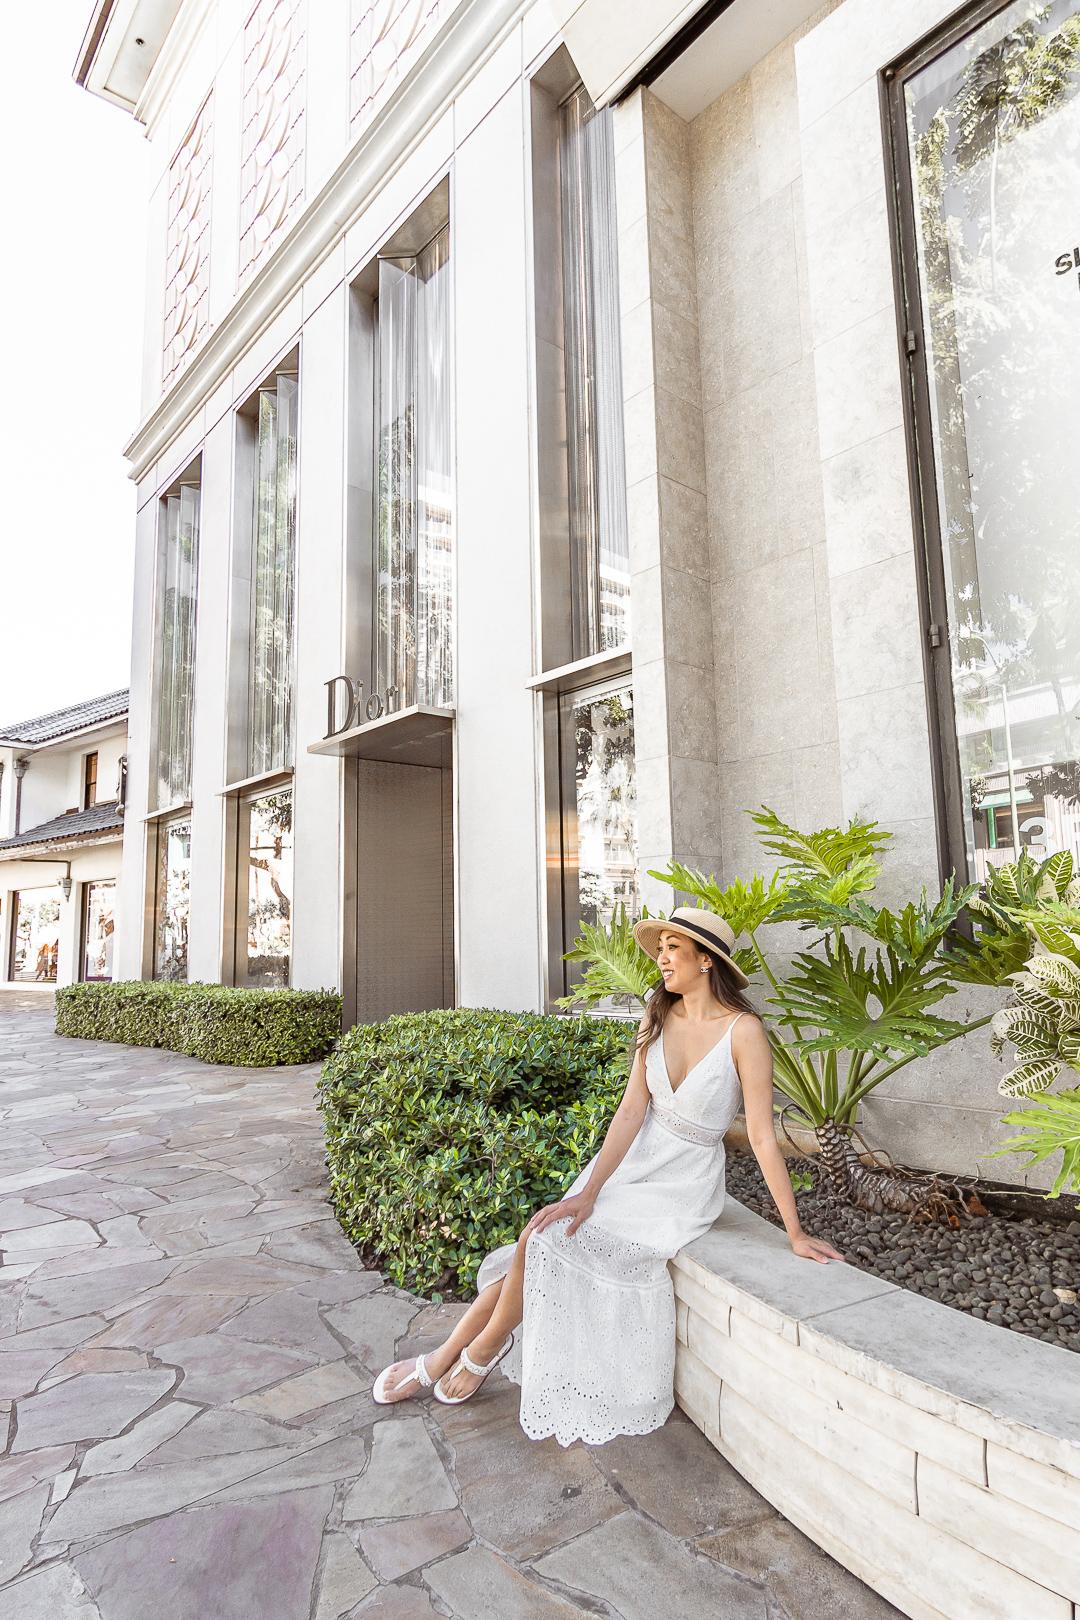 Christian Dior Hawaii Waikiki